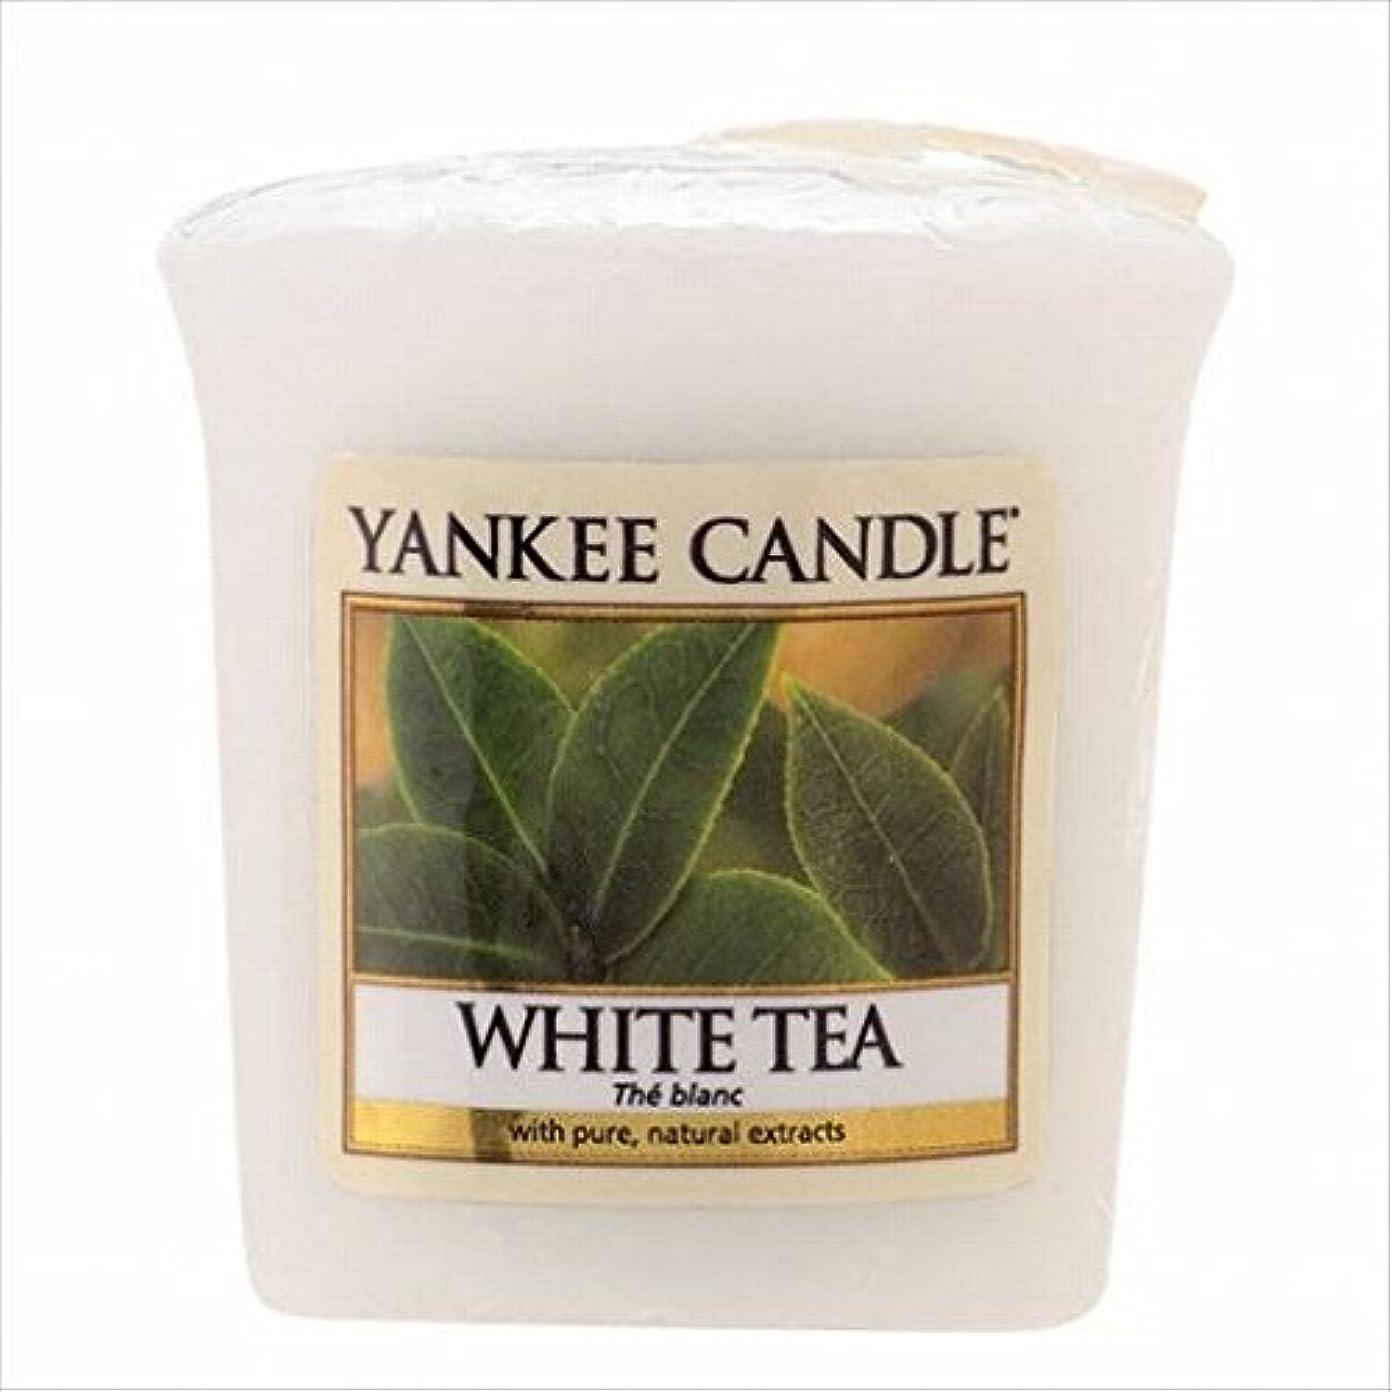 ベンチャー追い越すしおれたYANKEE CANDLE(ヤンキーキャンドル) YANKEE CANDLE サンプラー 「 ホワイトティー 」6個セット(K00105277)